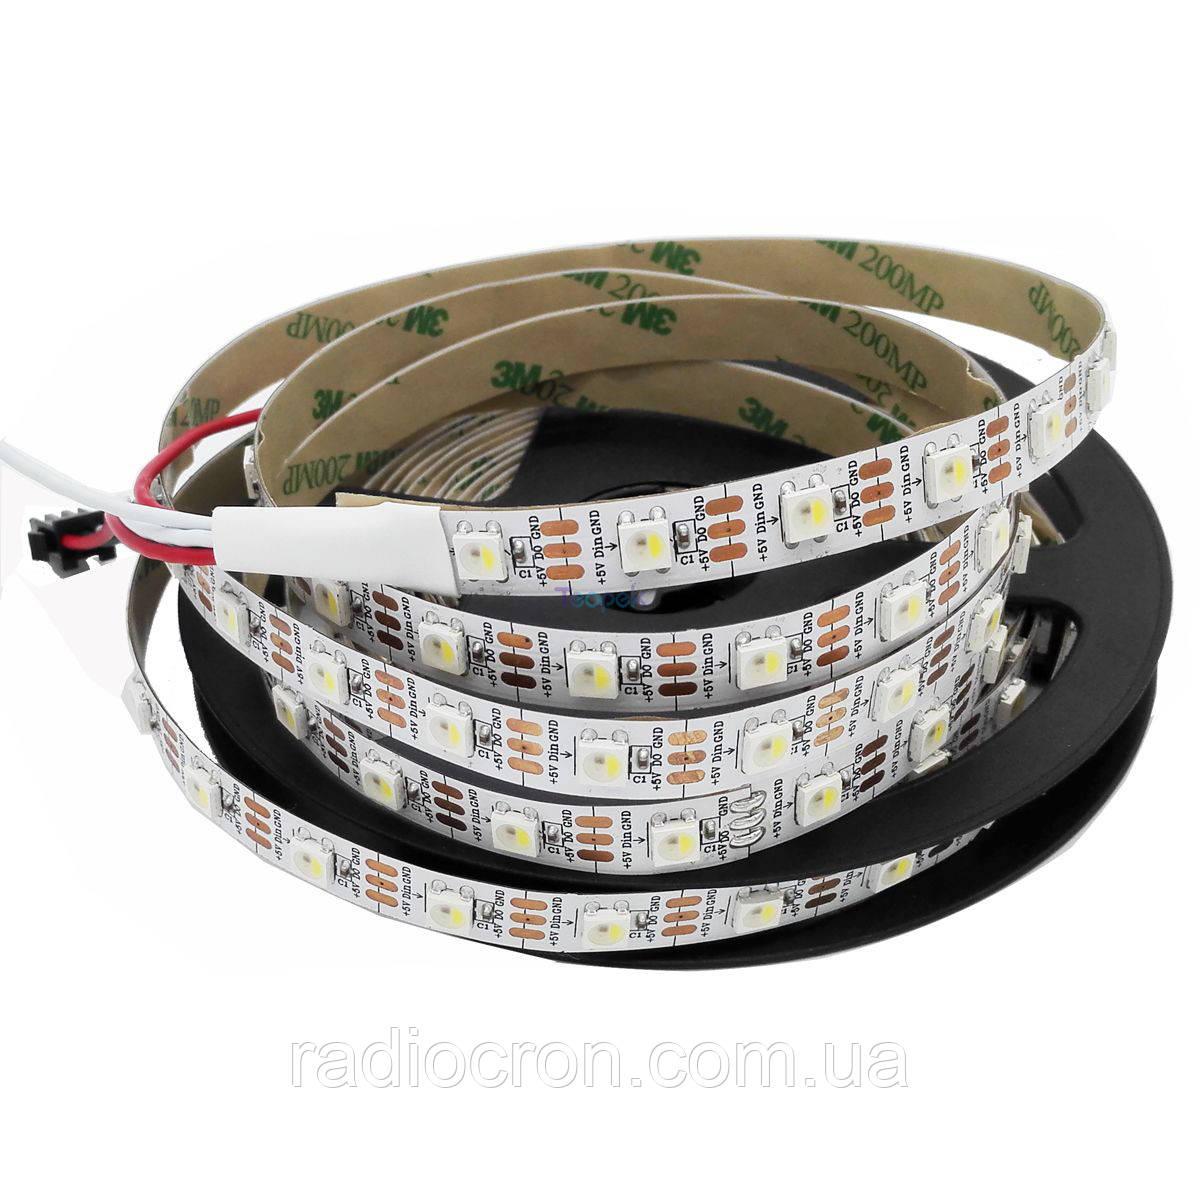 Светодиодная лента WS2812B, RGB, IP30, 60 Светодиодов/м, 5В, 1м, Белая подложка